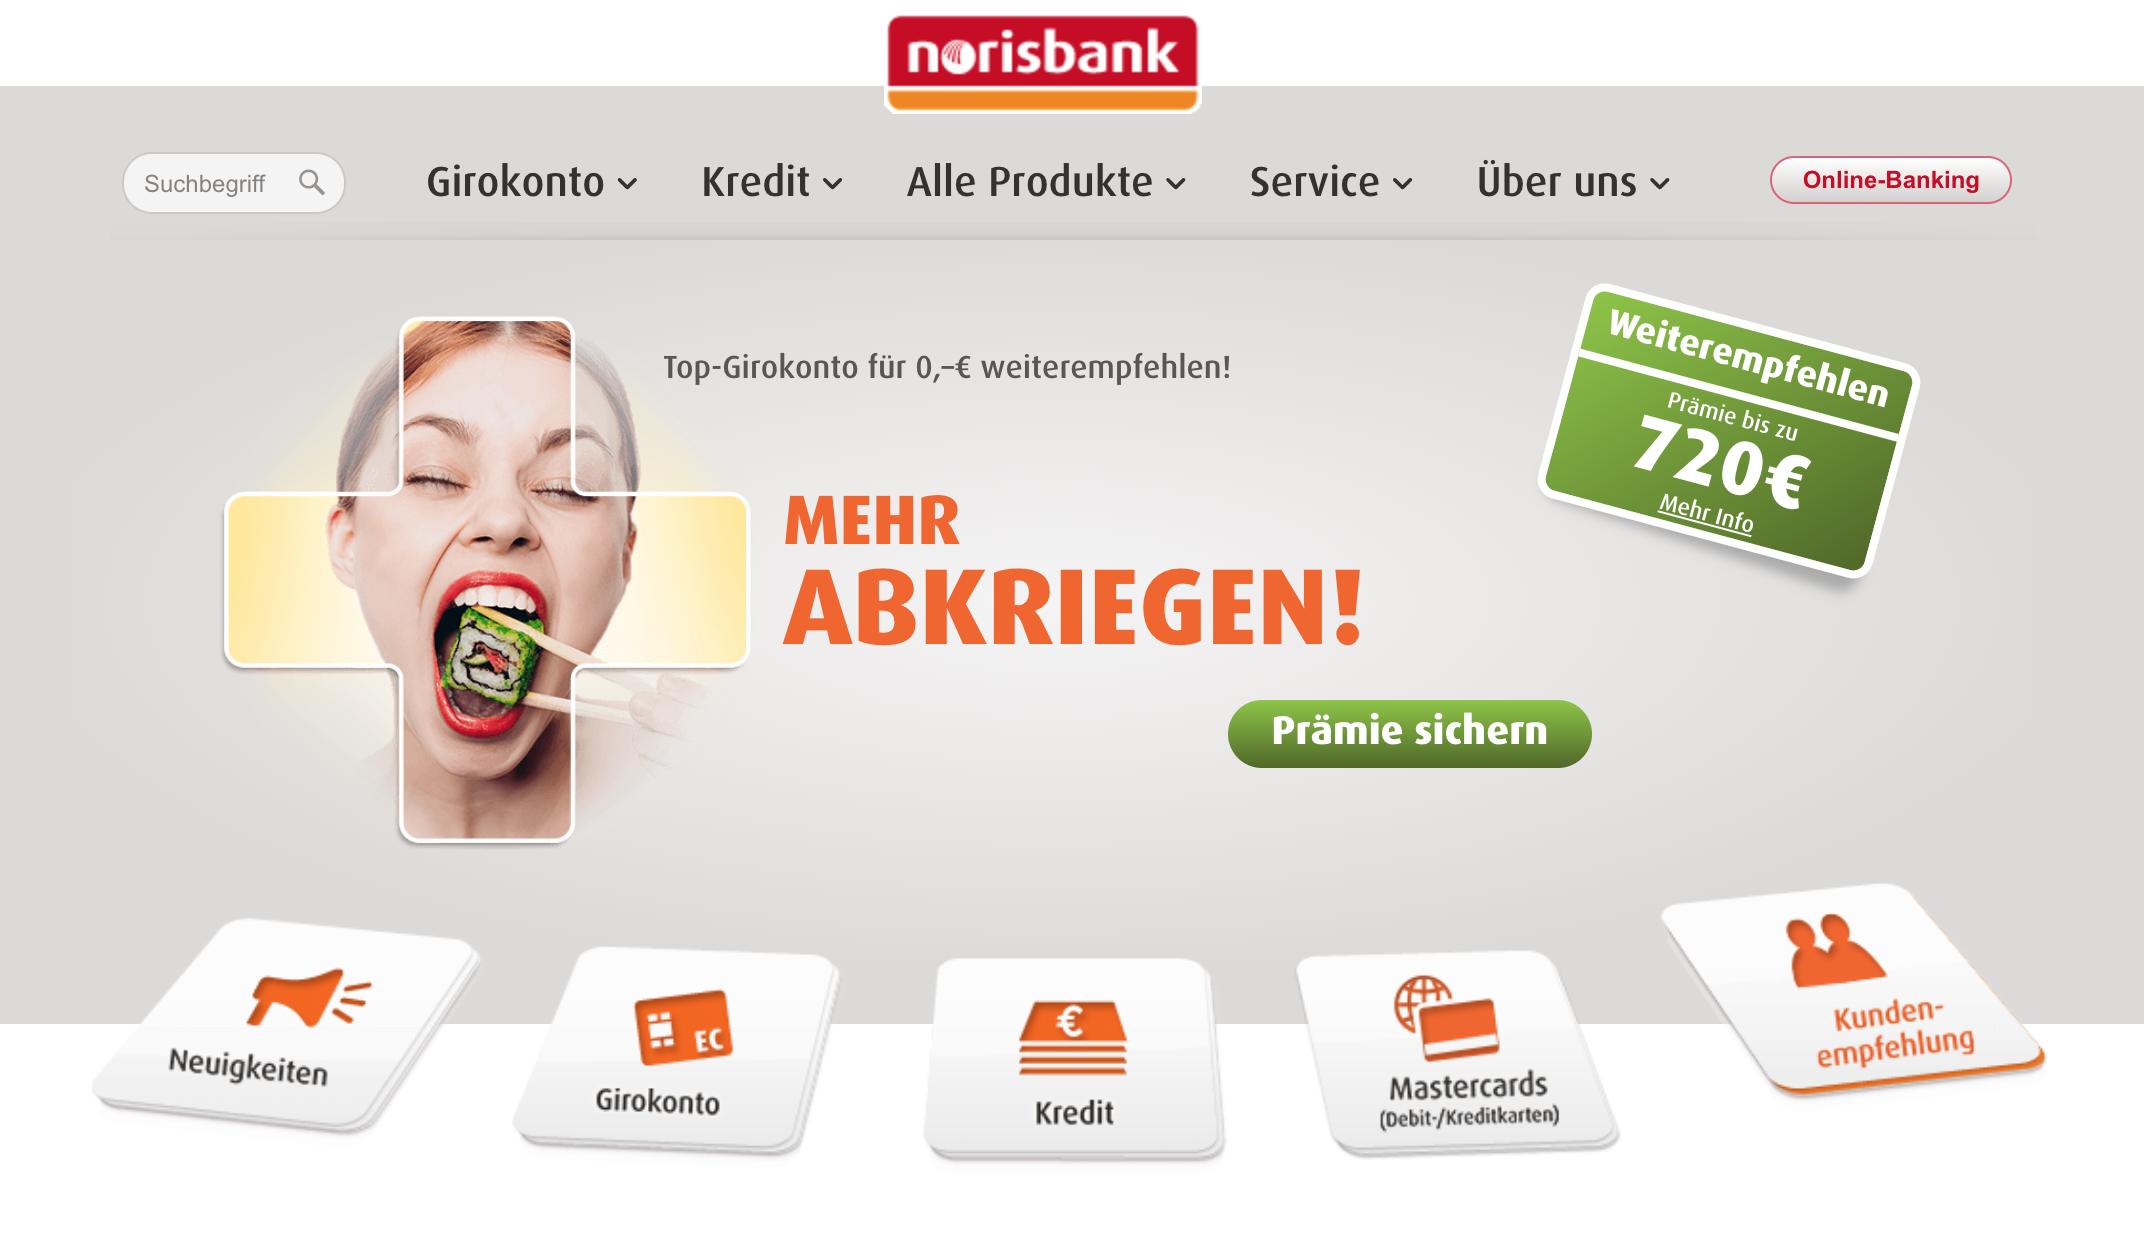 Norisbank Erfahrungen - Seriöser Anbieter?